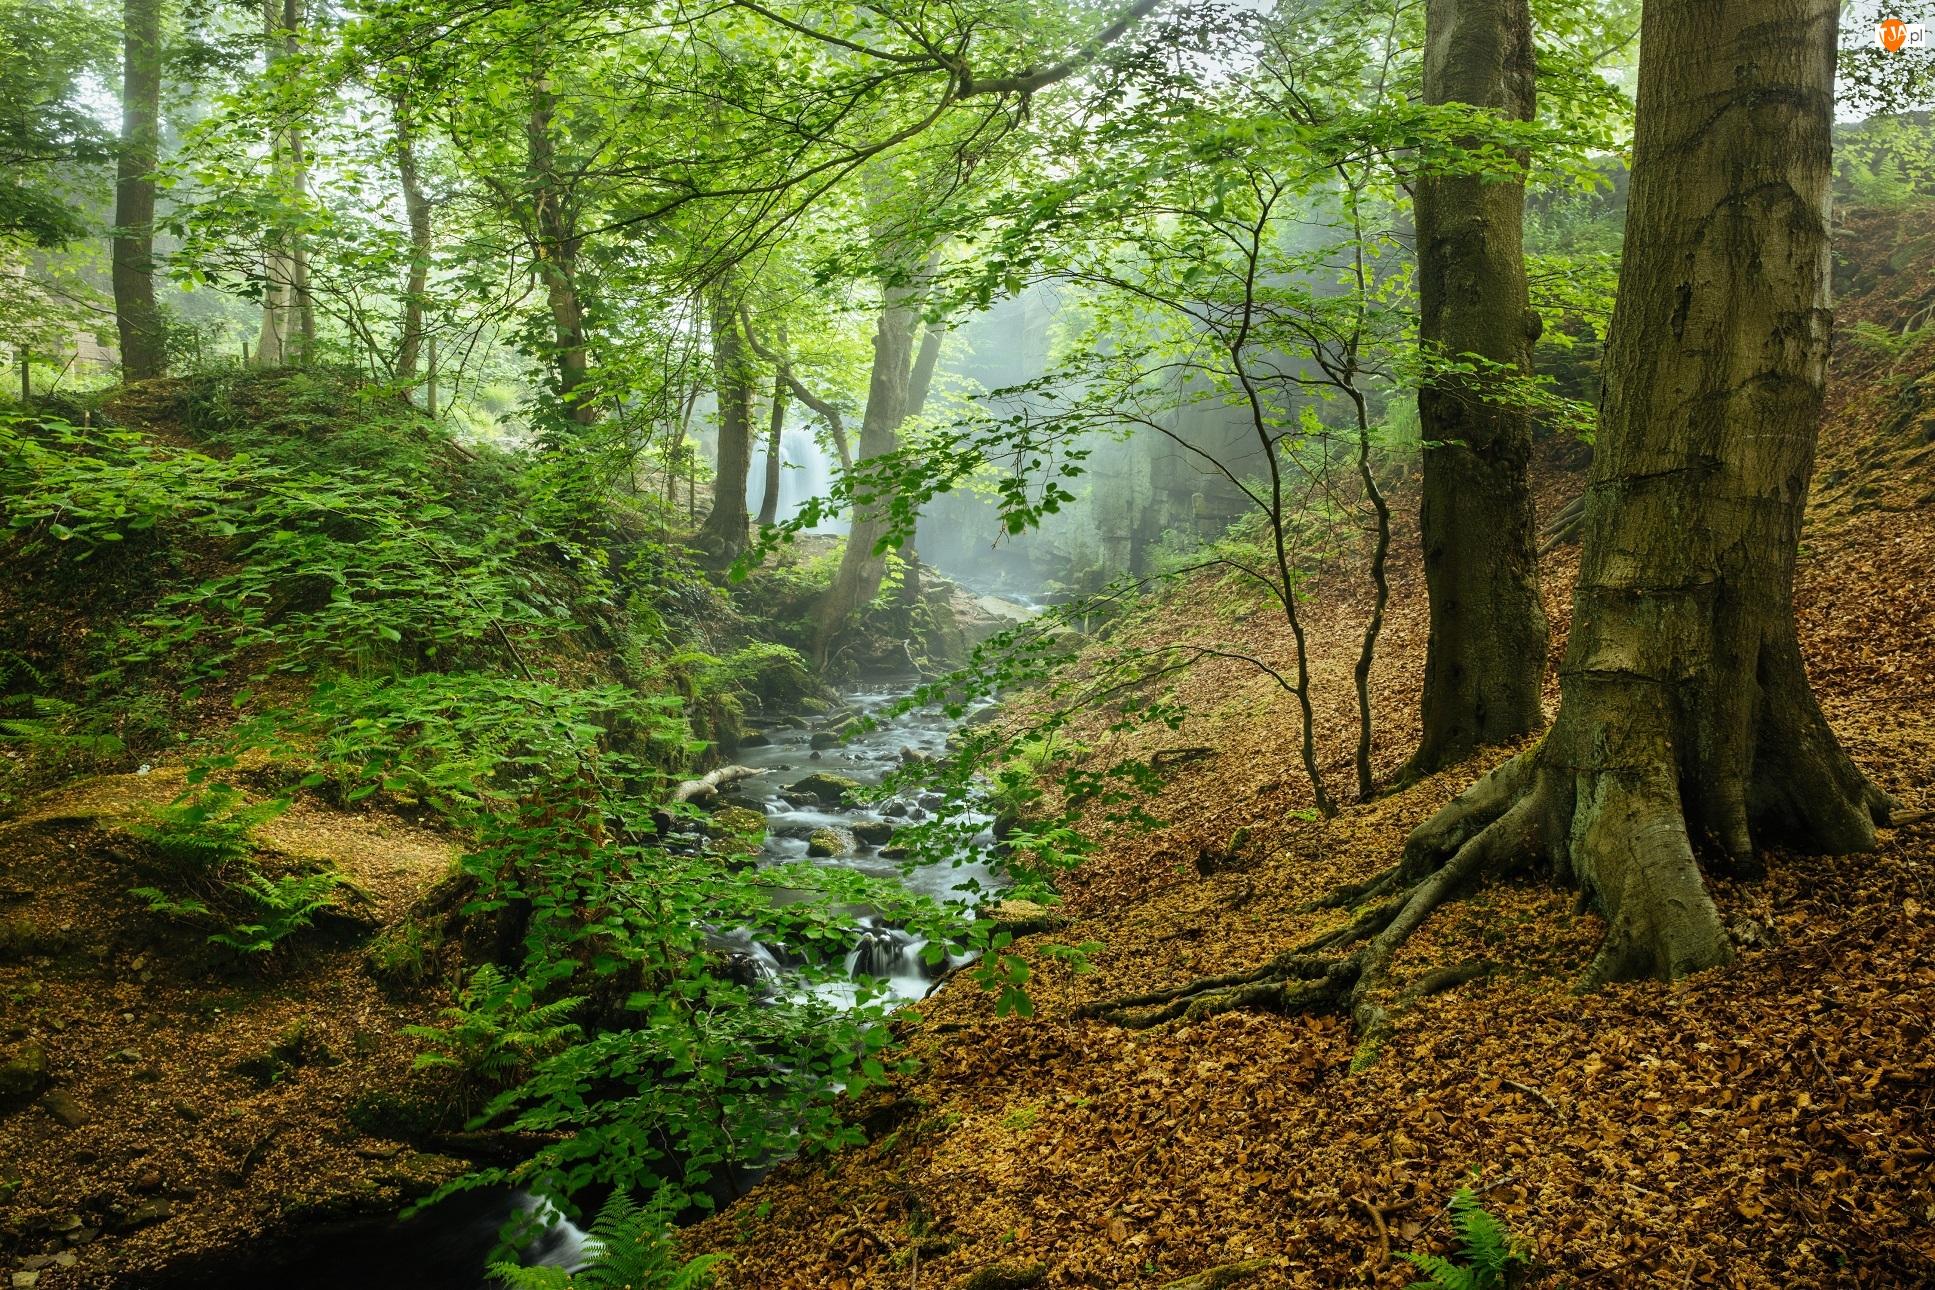 Hrabstwo Derbyshire, Park Narodowy Peak District, Mgła, Anglia, Strumyk, Drzewa, Las